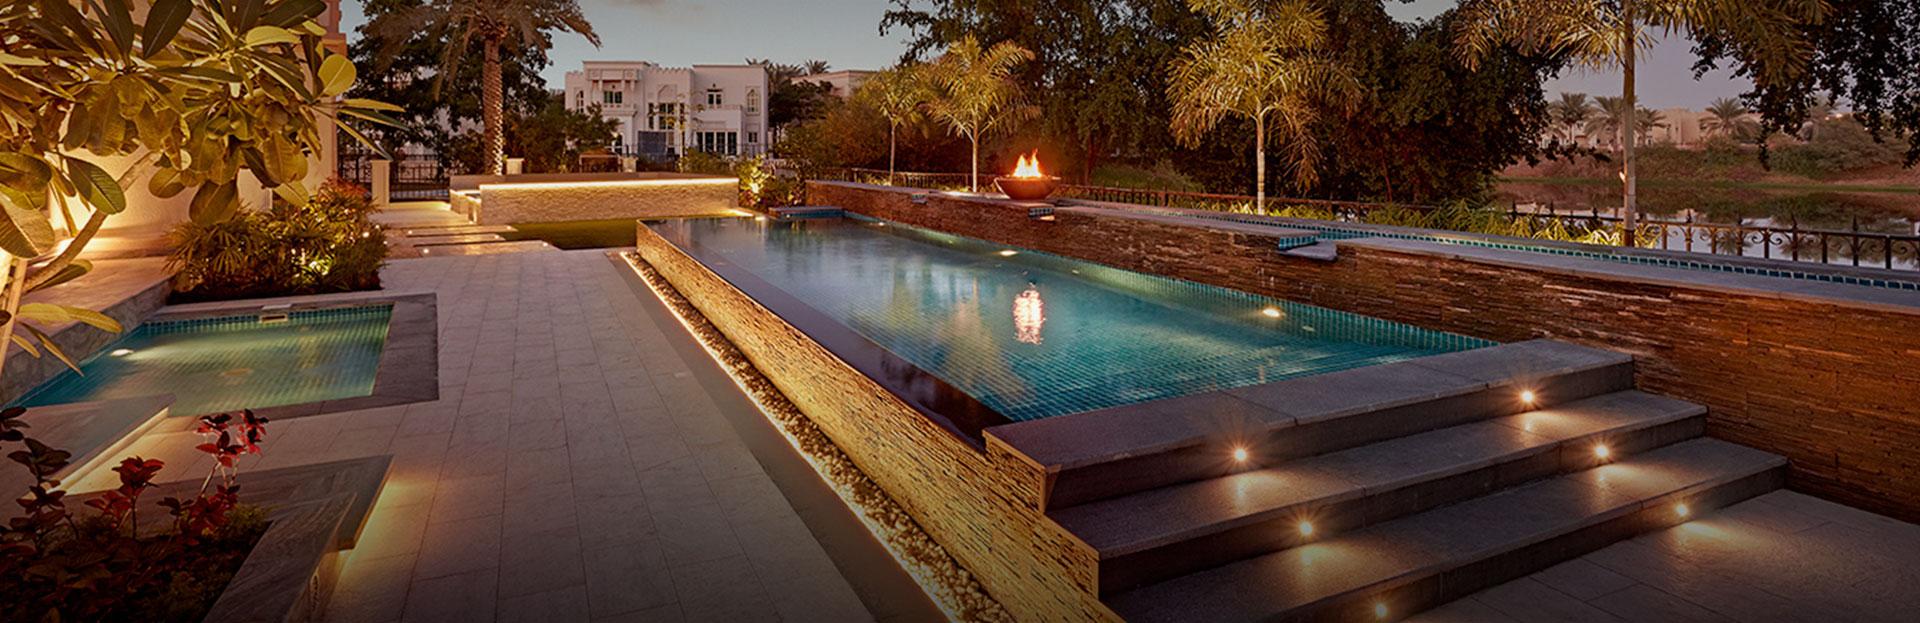 Plunge pool design company dubai for Pool design dubai